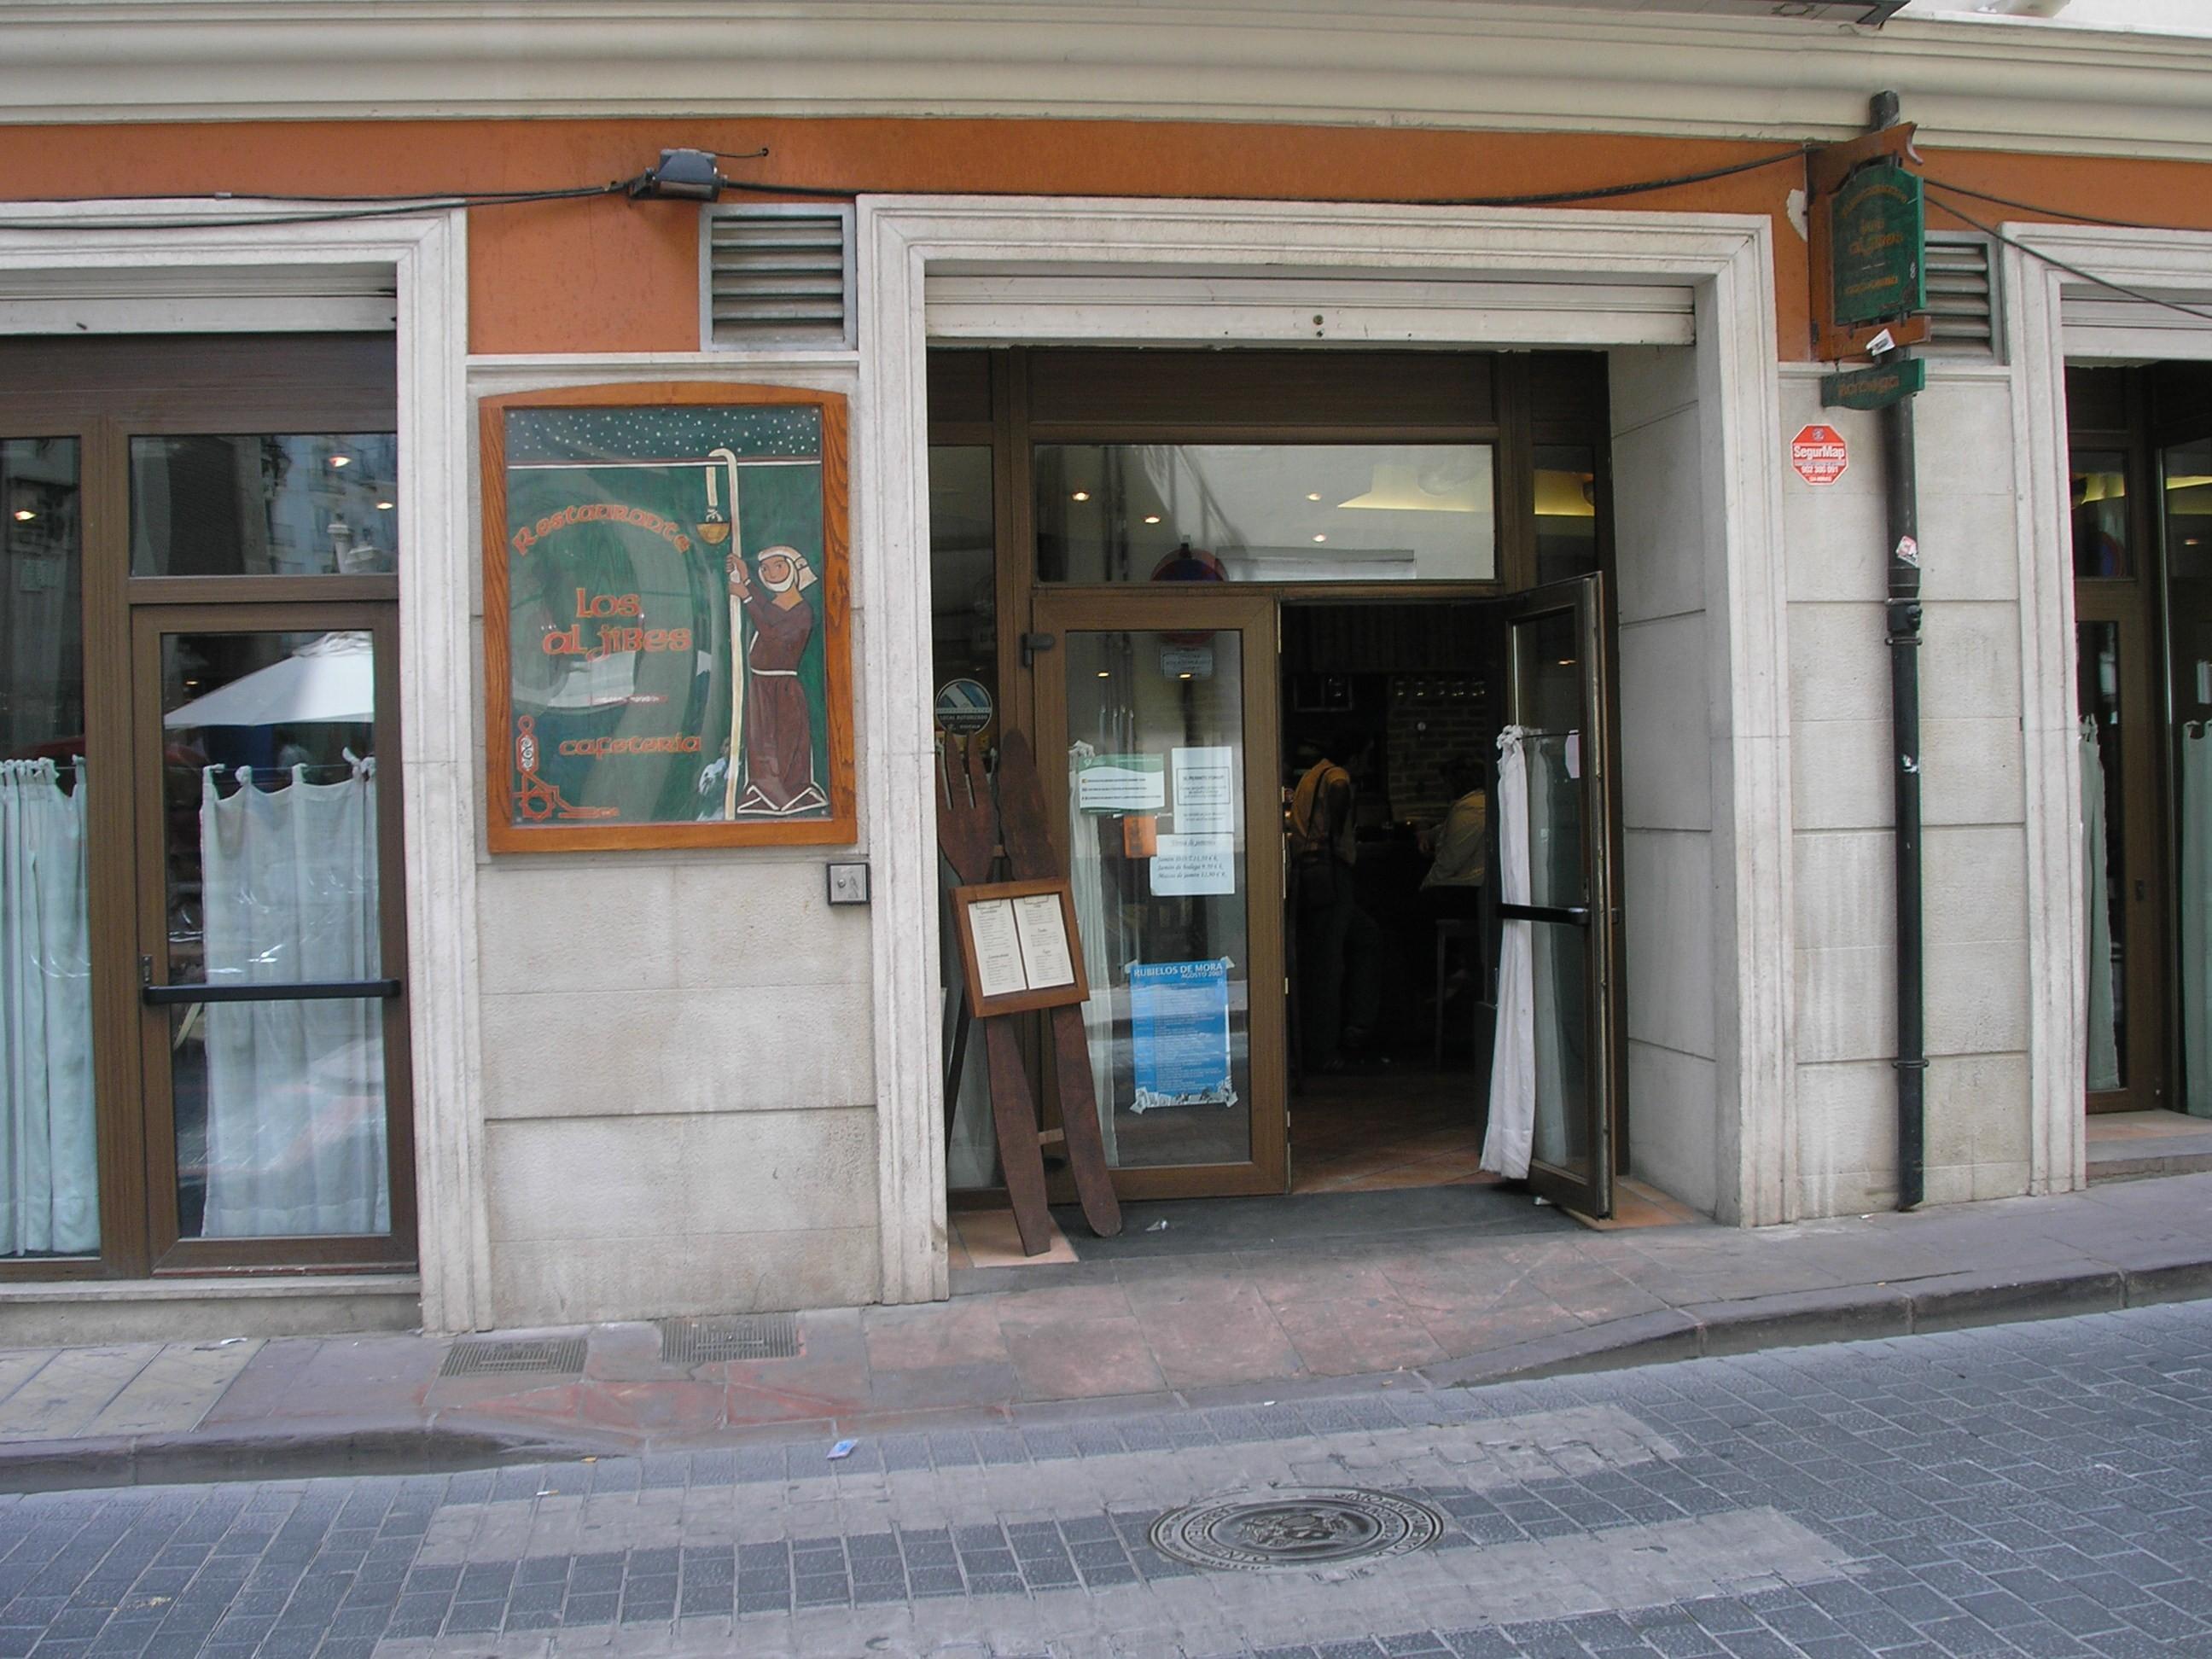 RESTAURANTE LOS ALJIBES   Teruel Comunidad de Teruel